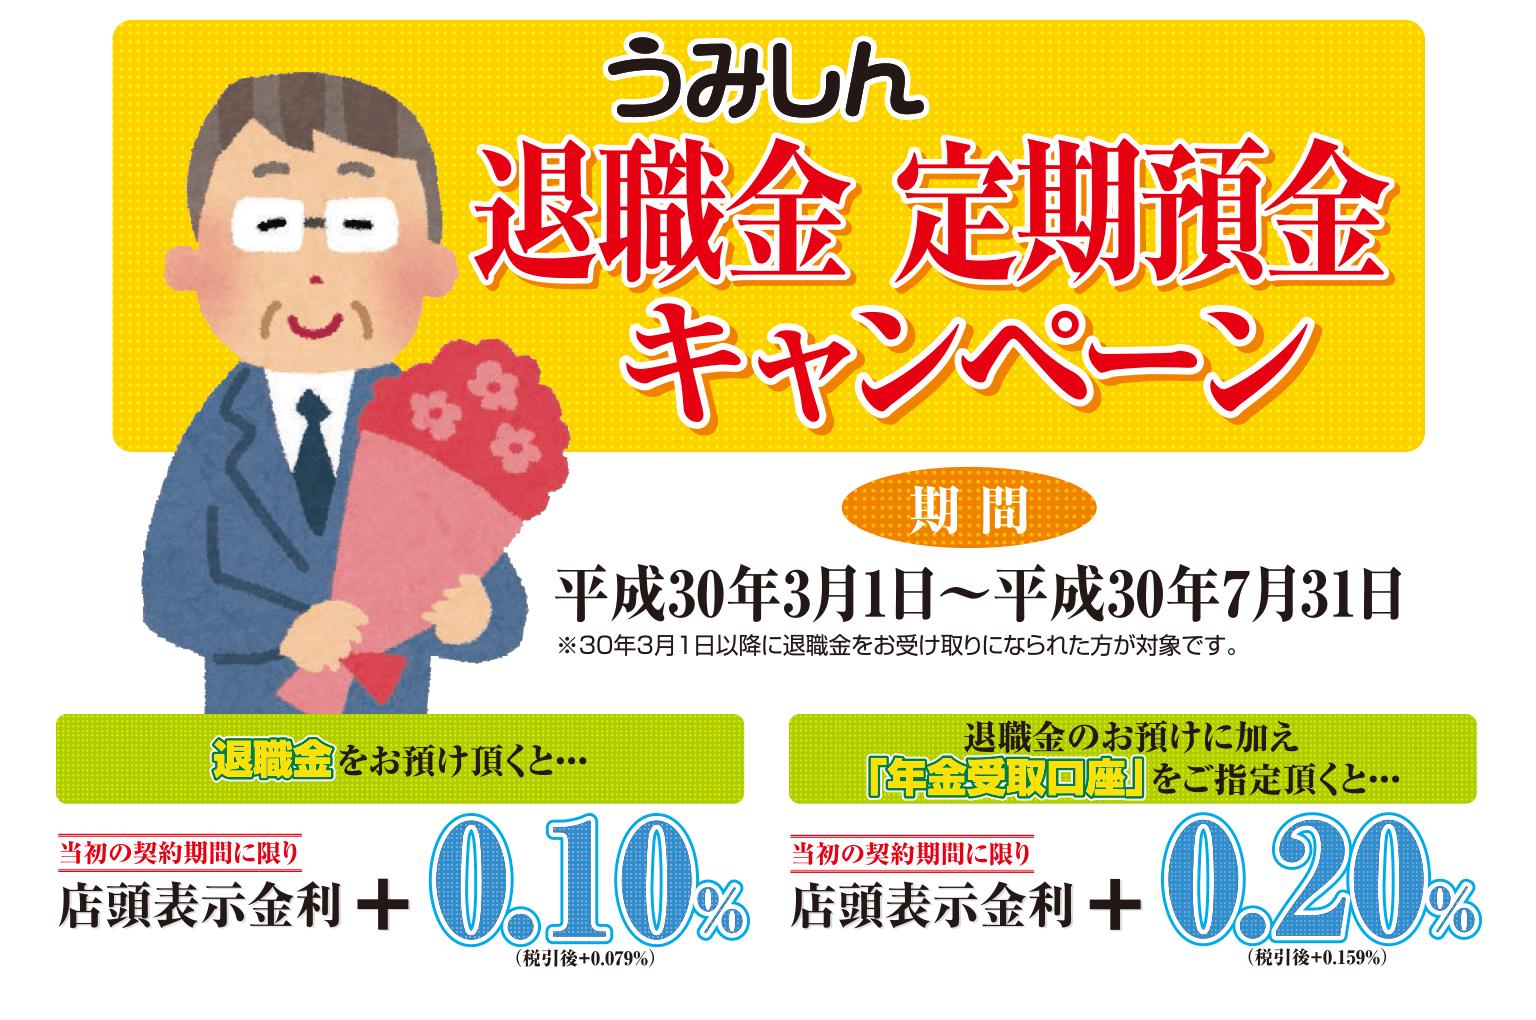 退職金定期預金キャンペーン